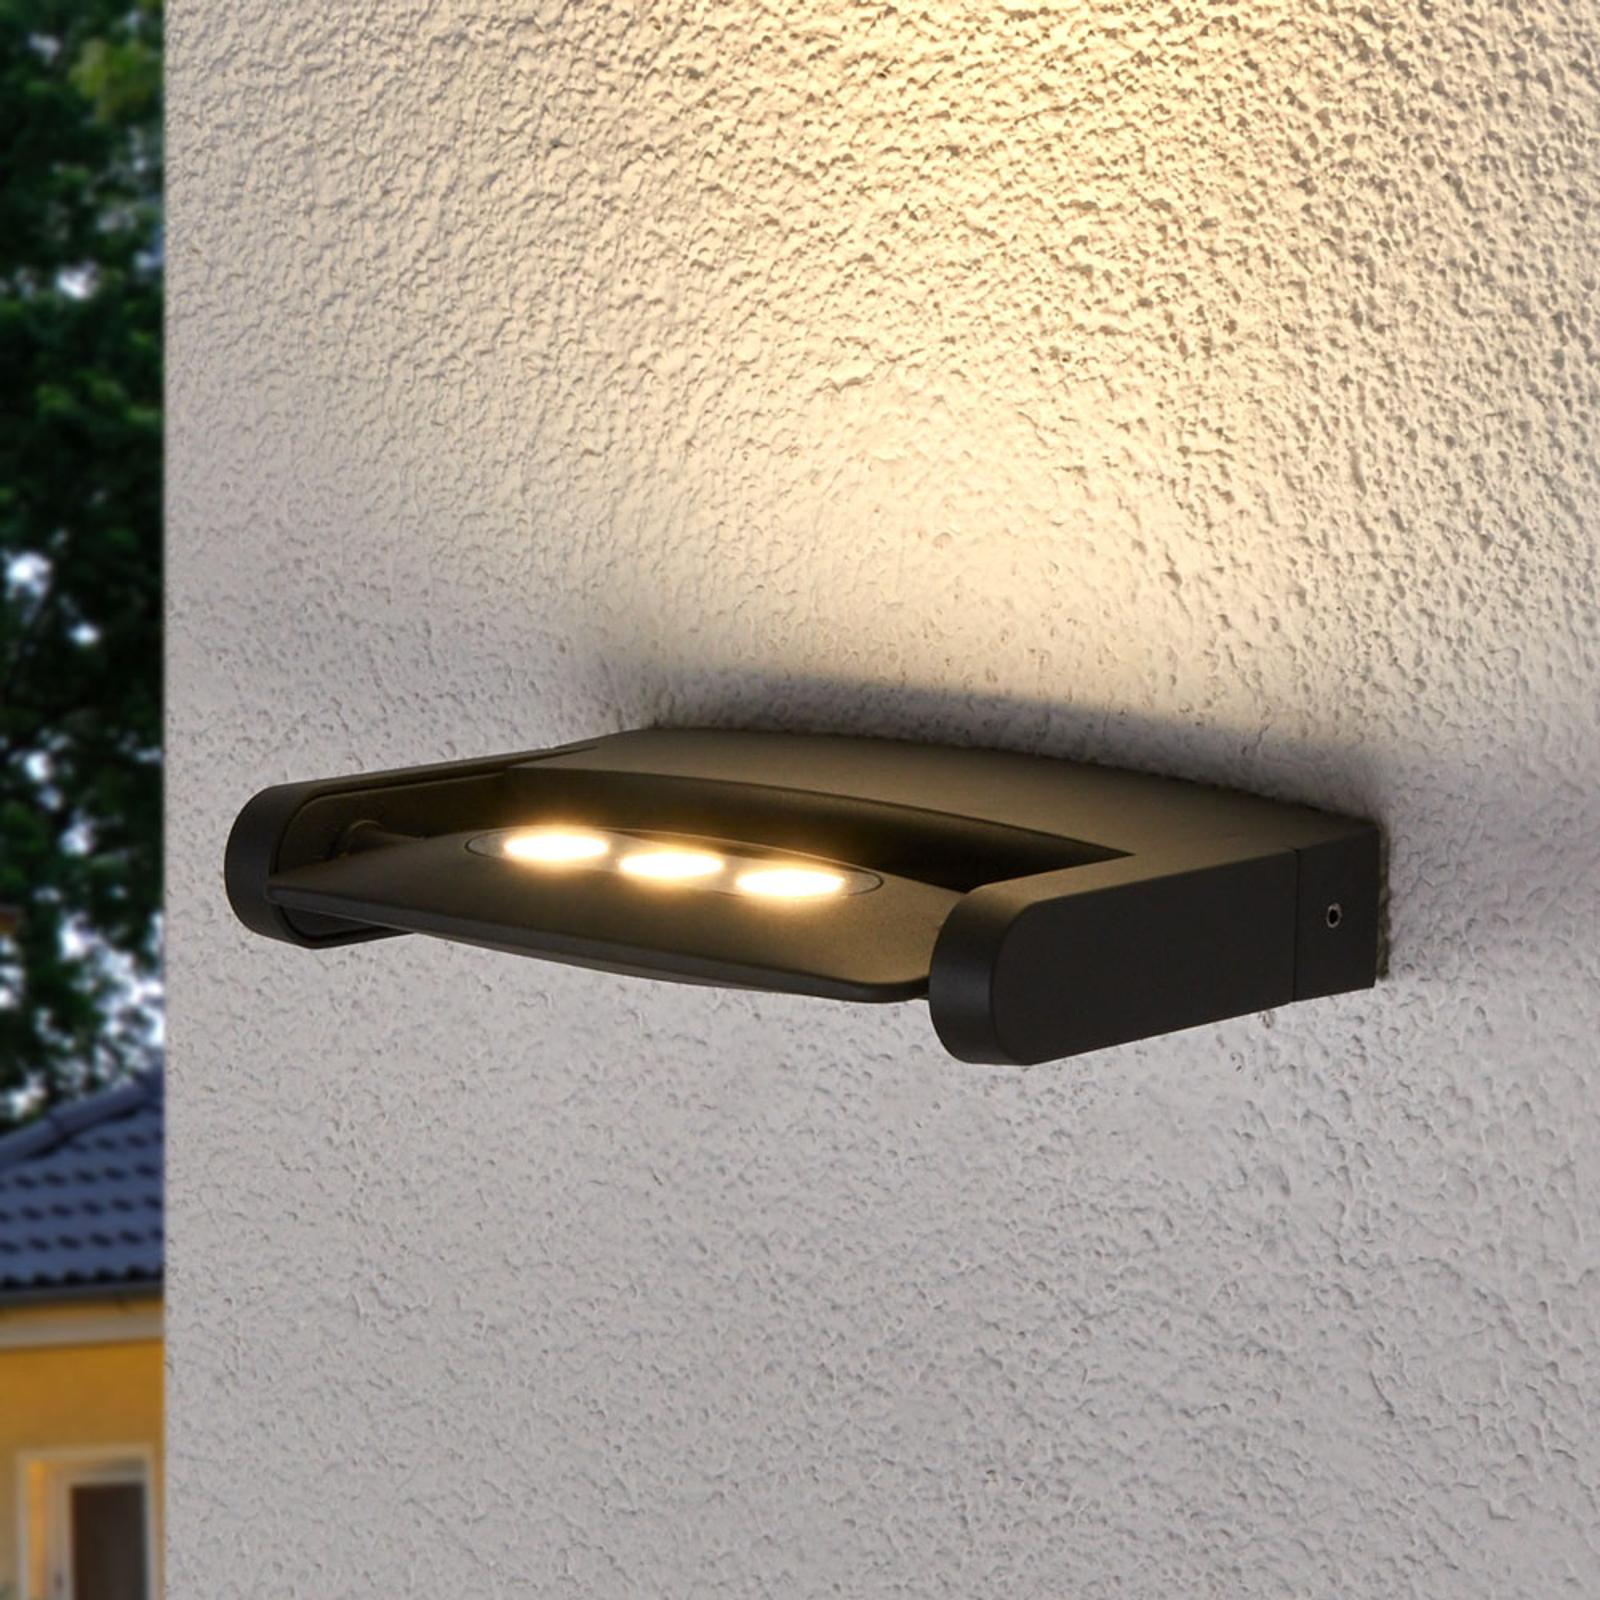 Ulkoseinävalaisin Keiran 3:lla POWER-LED:illä